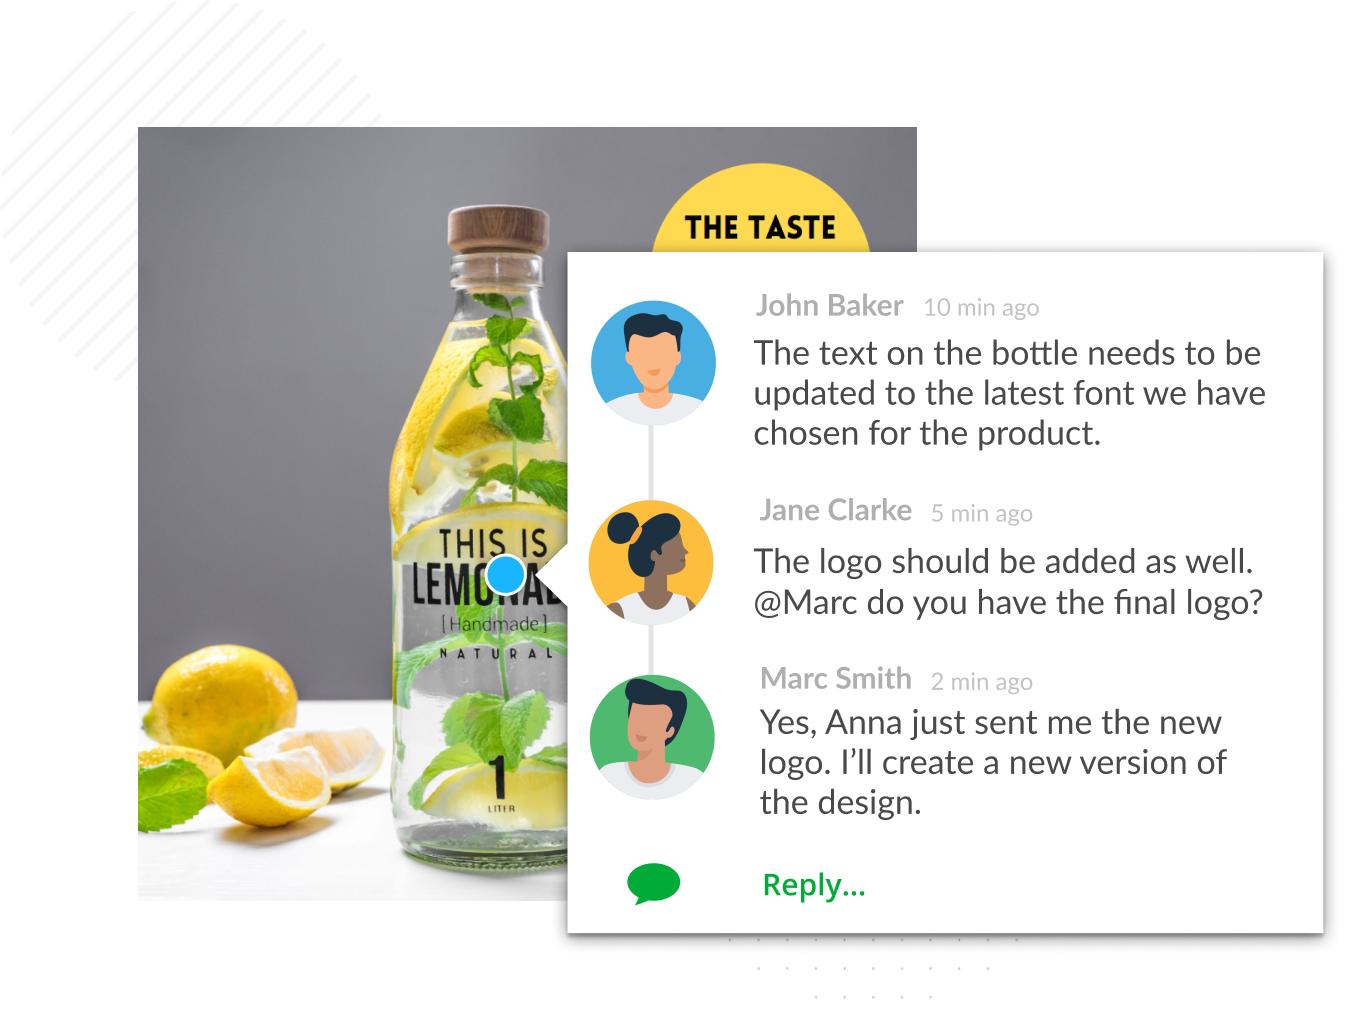 lemonade bottle review